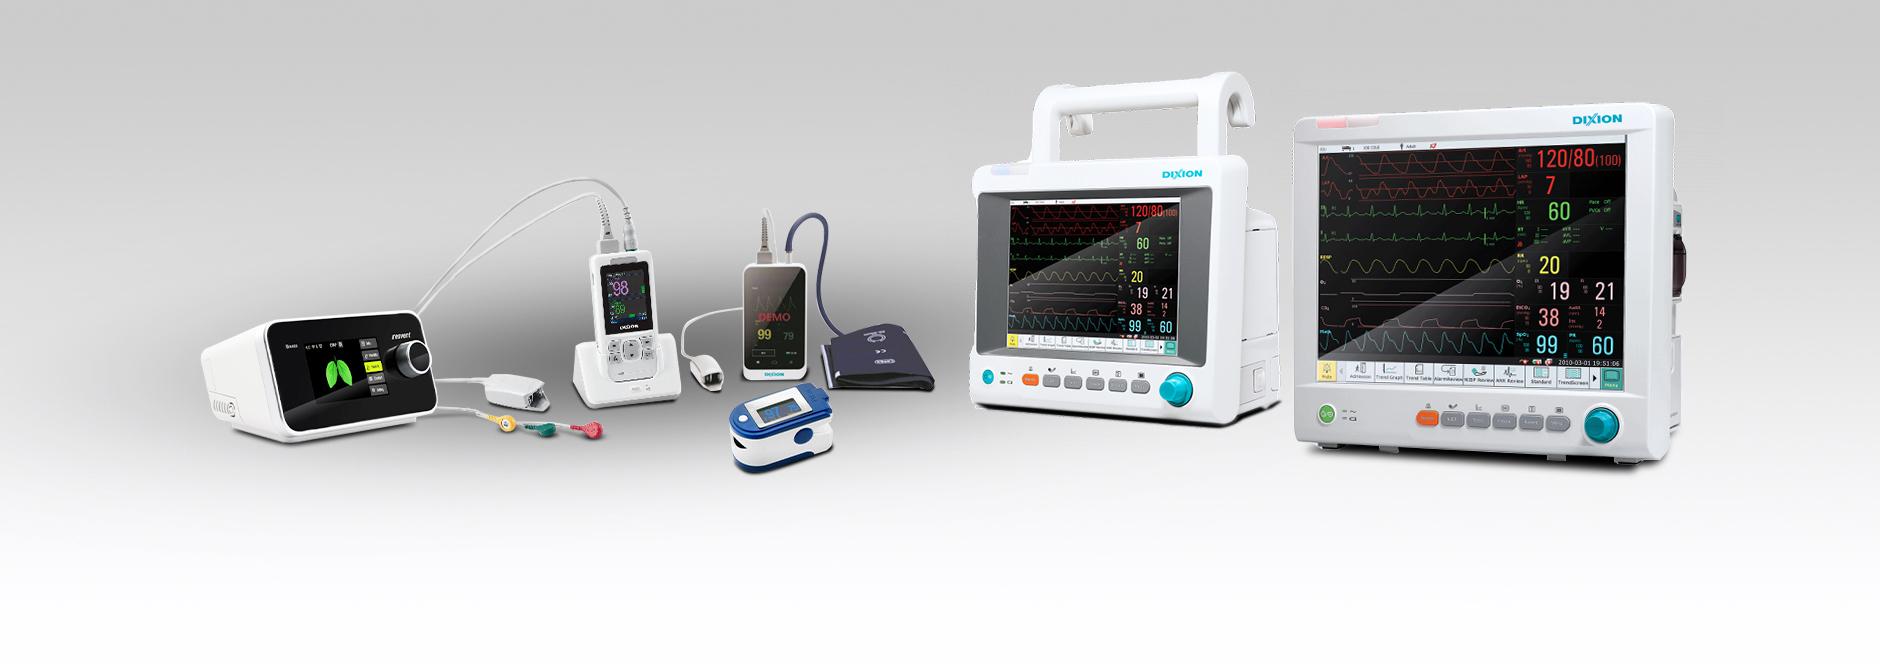 Medizinische Geräte zur Behandlung von COVID-19-Patienten